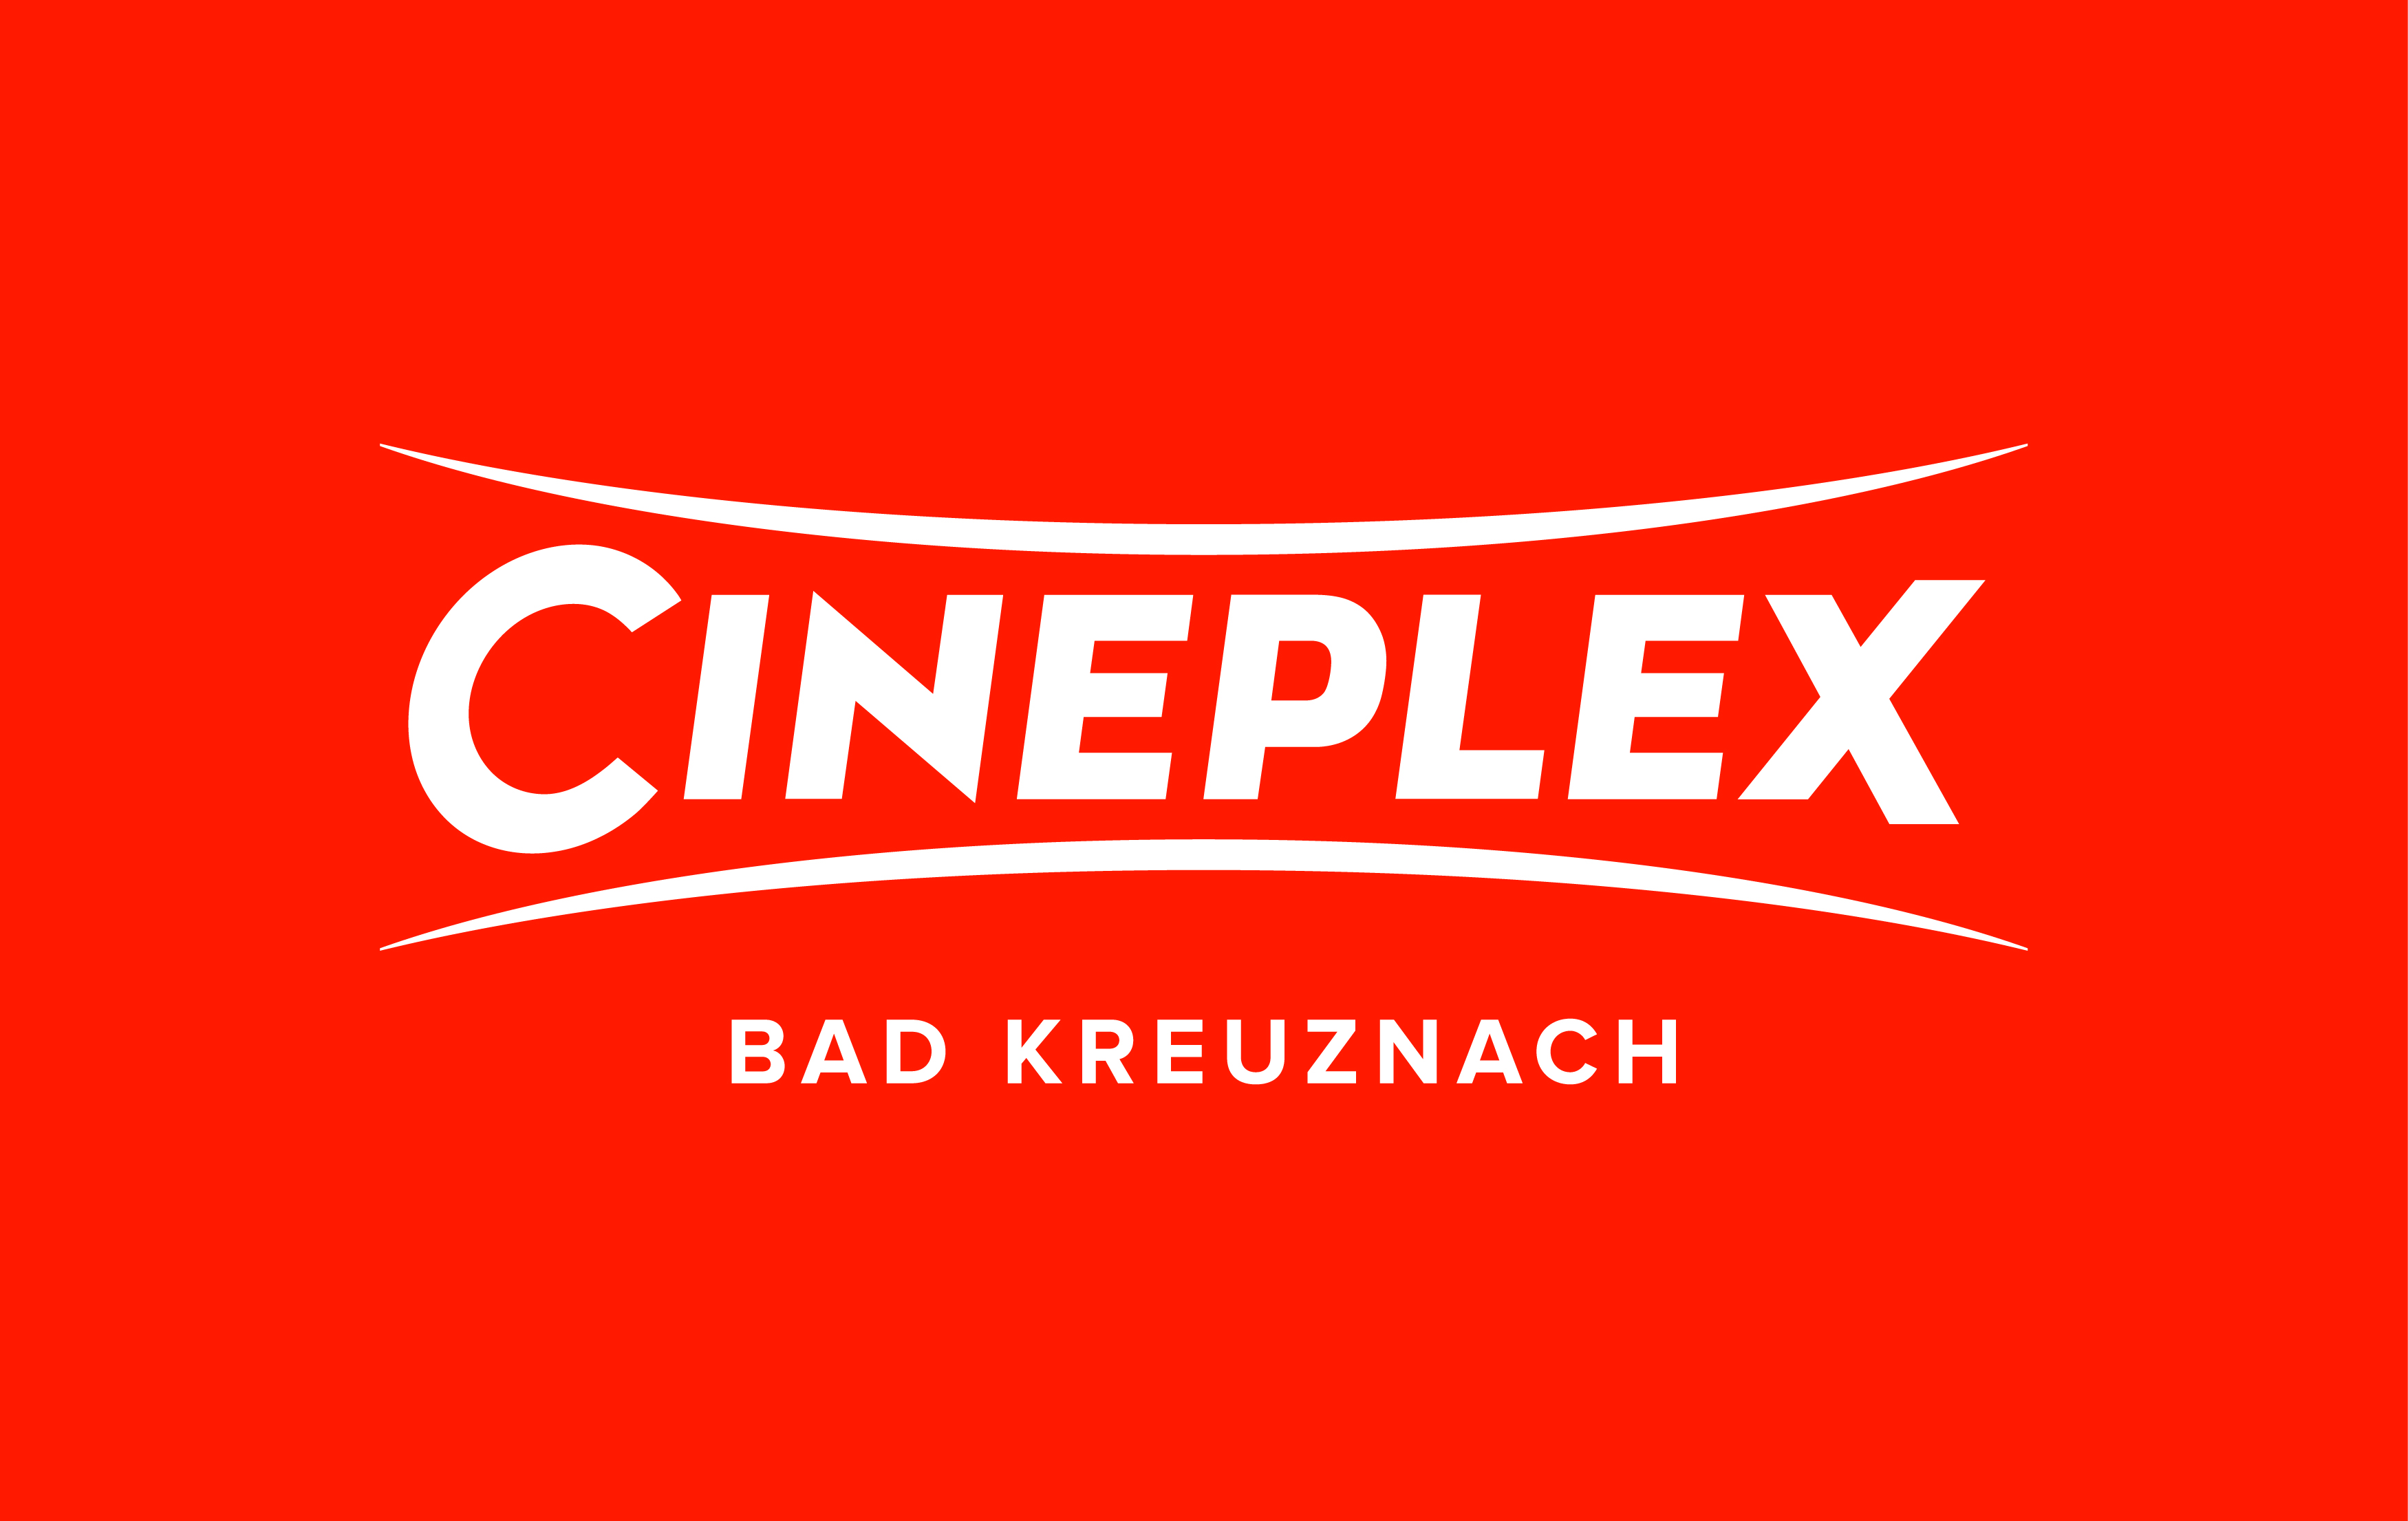 Cineplex Bad Kreuznach